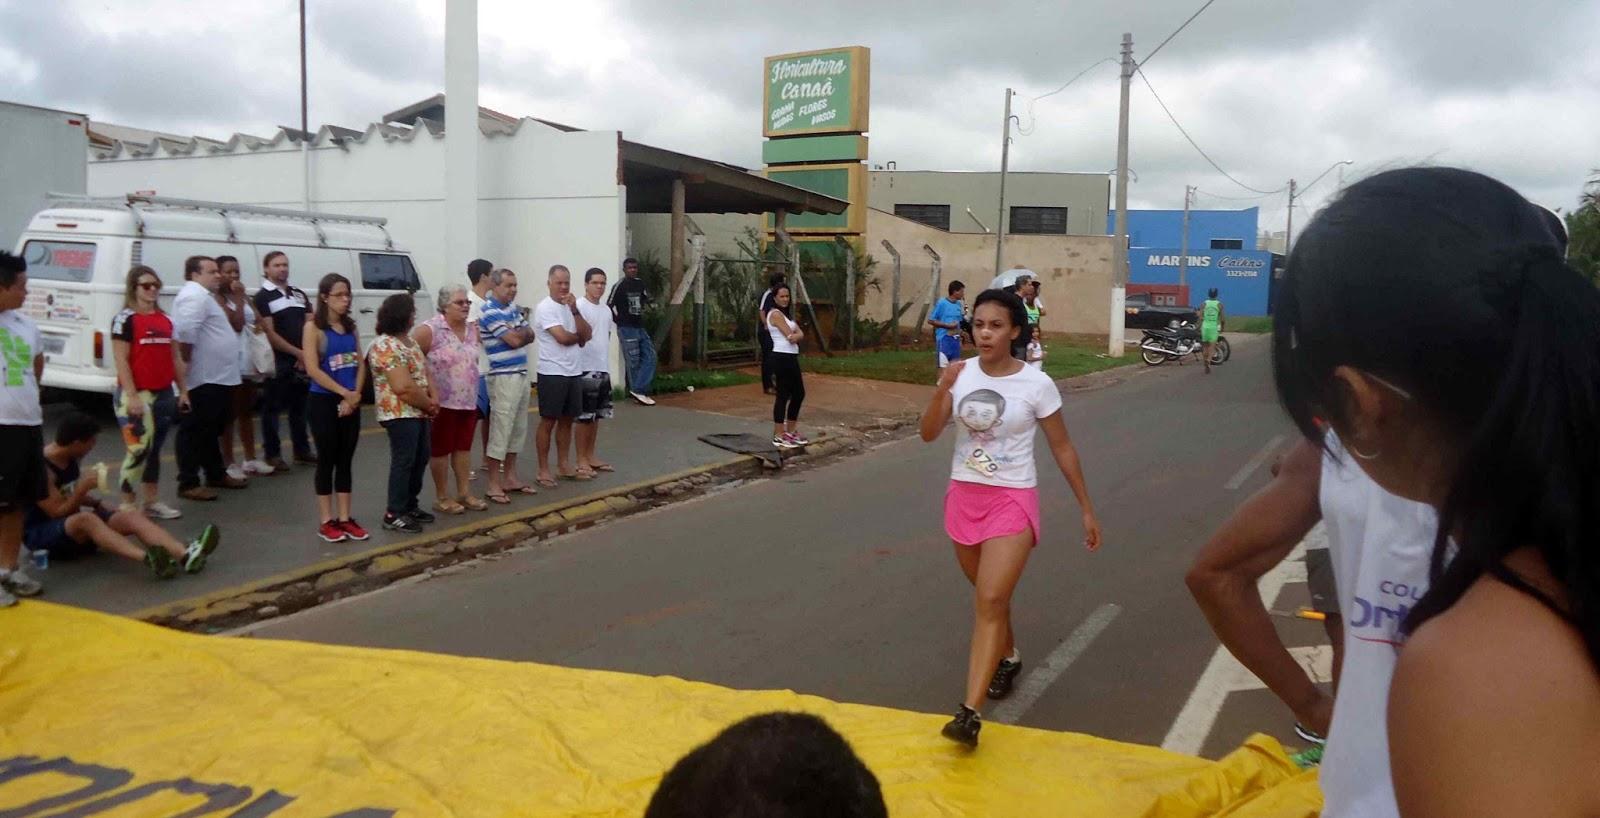 Foto 135 da 1ª Corrida Av. dos Coqueiros em Barretos-SP 14/04/2013 – Atletas cruzando a linha de chegada